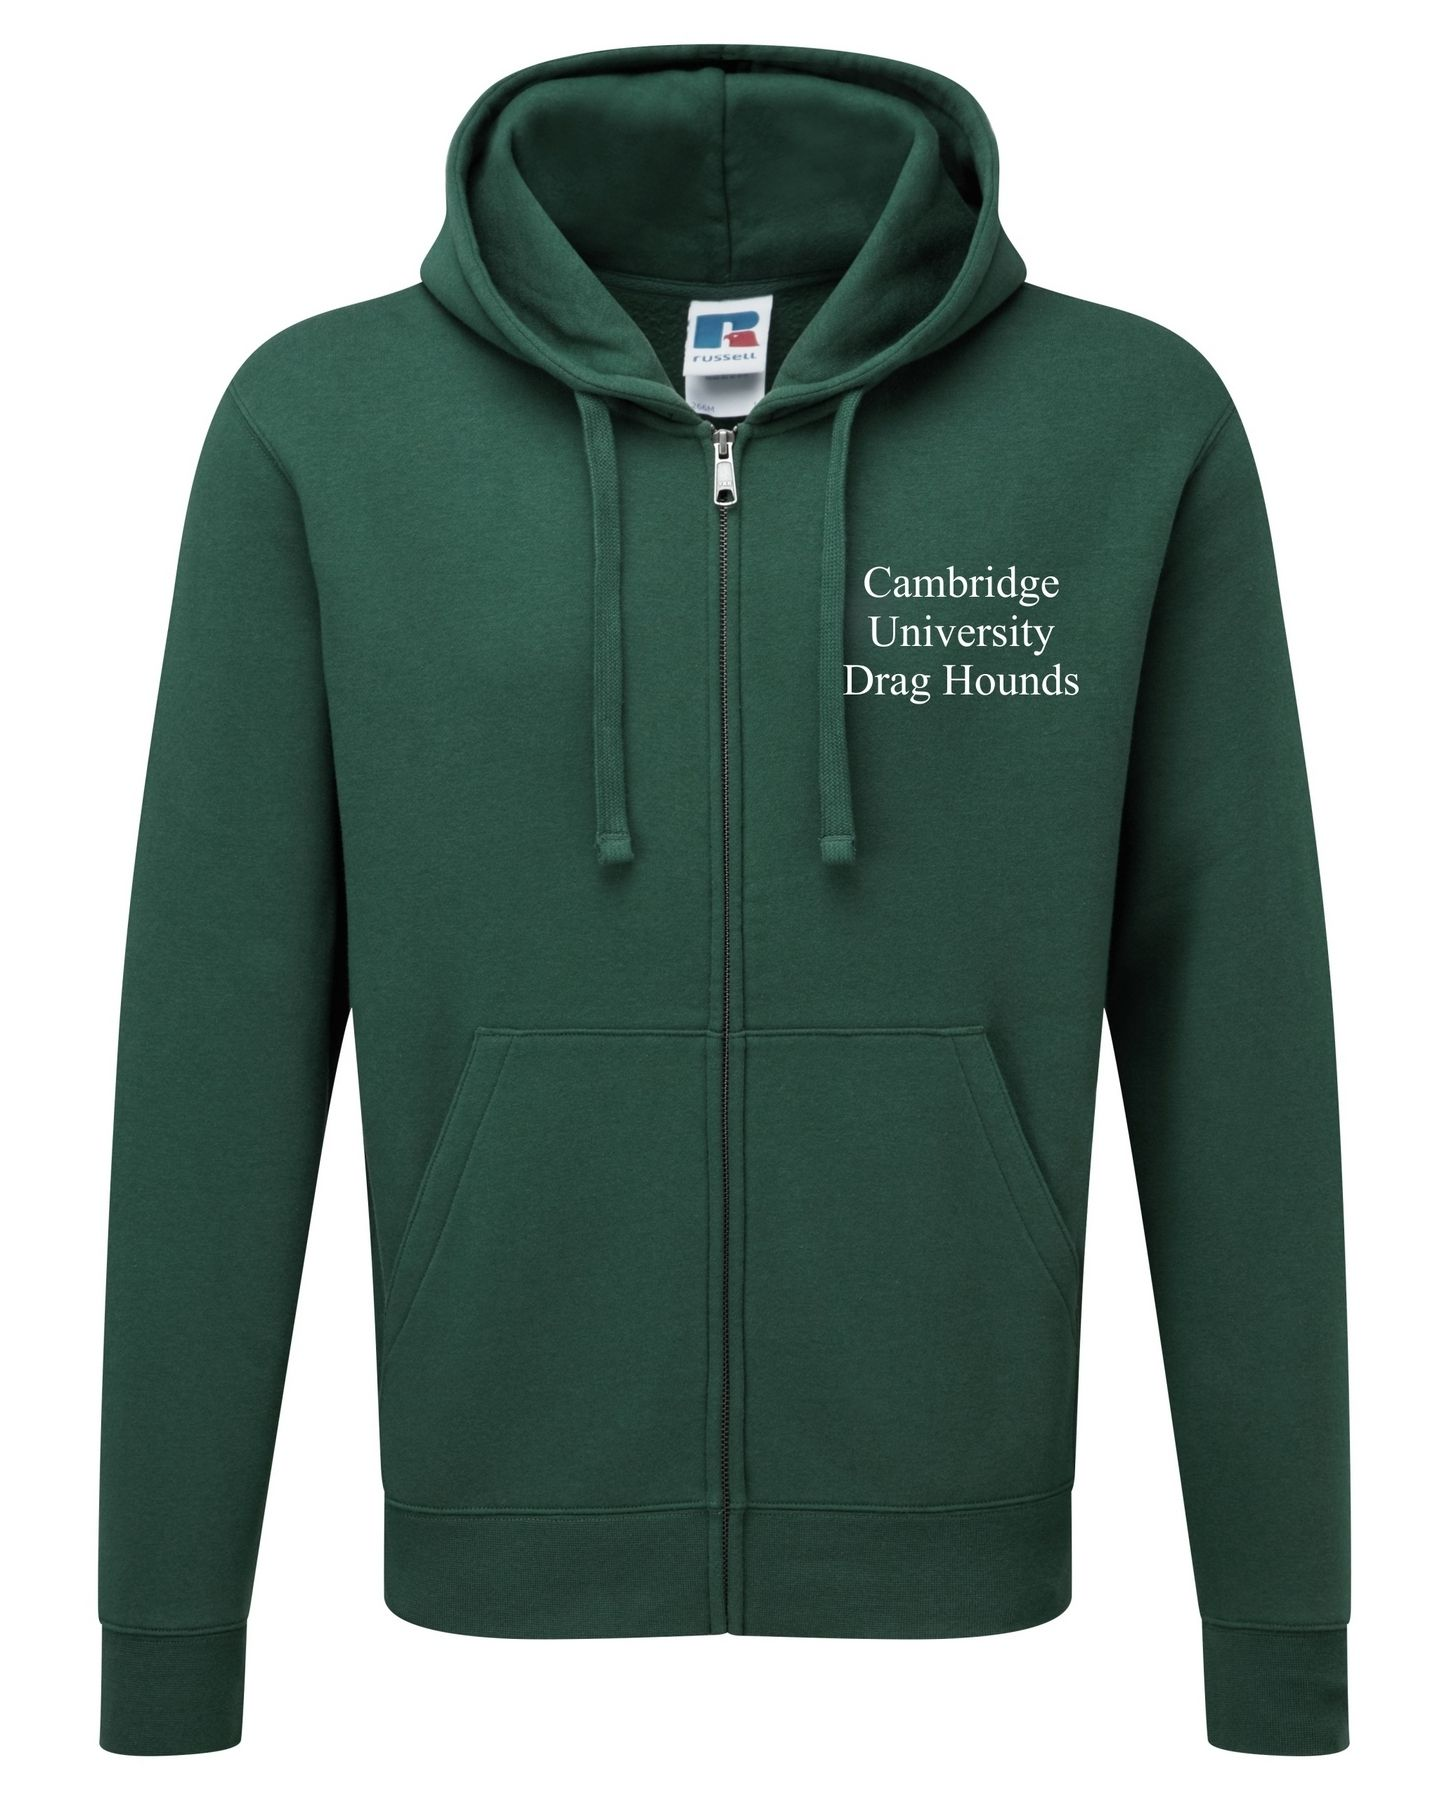 CUDH – Premium Authentic Zipped Hoodie